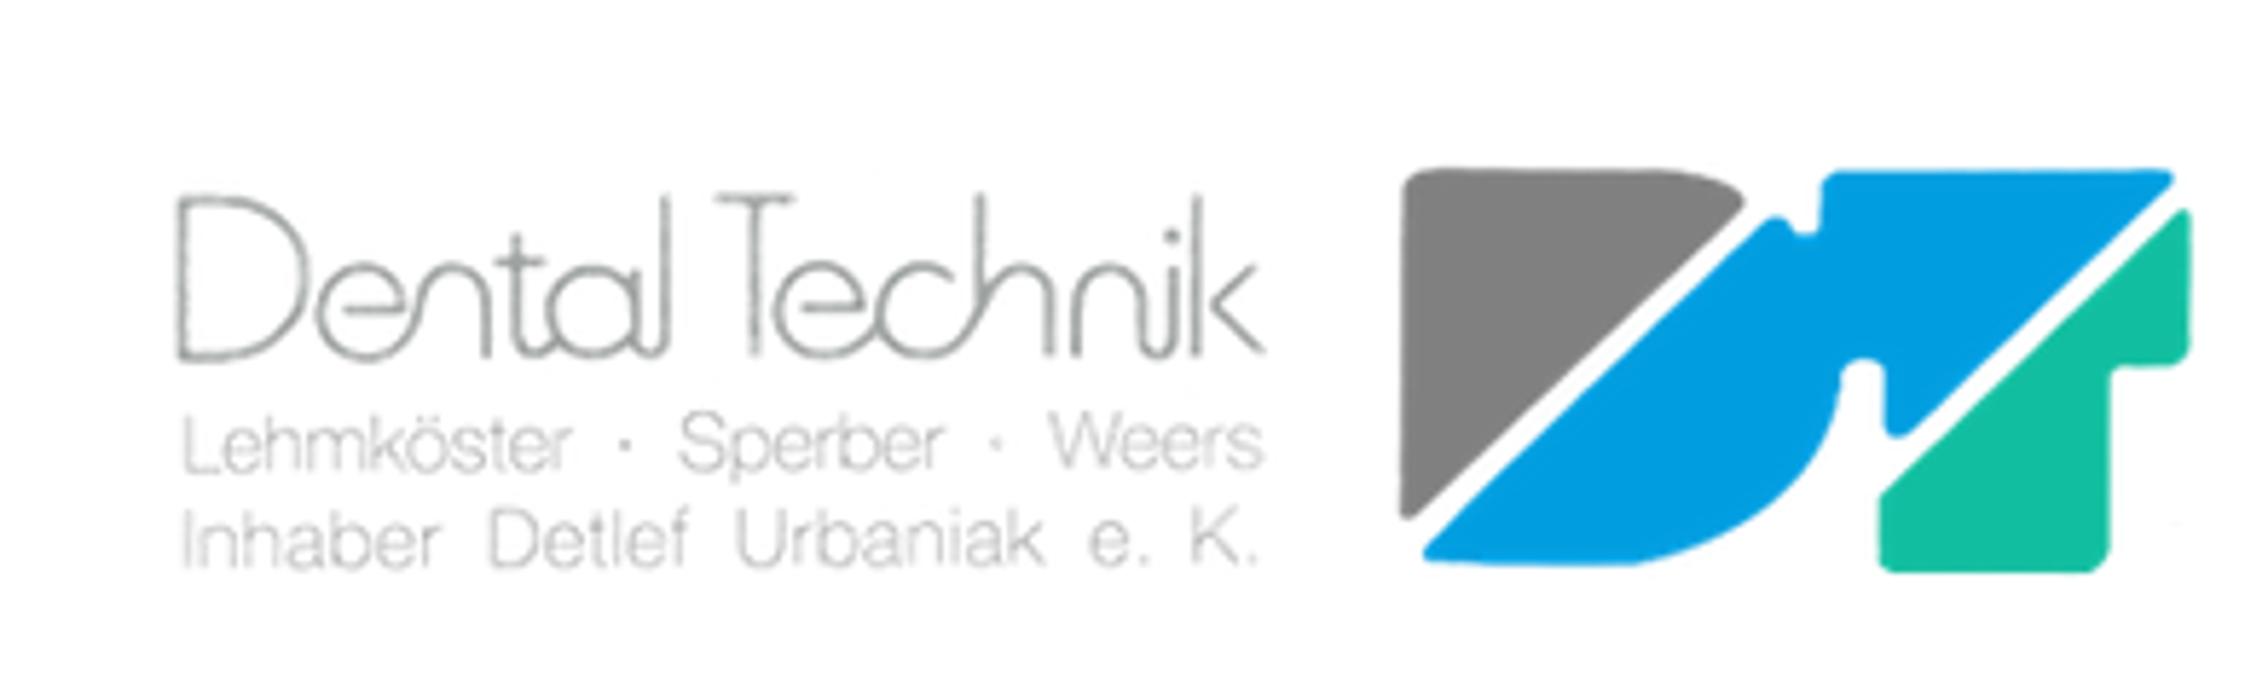 Bild zu Dental-Technik Lehmköster-Sperber-Weers, Detlef Urbaniak in Münster